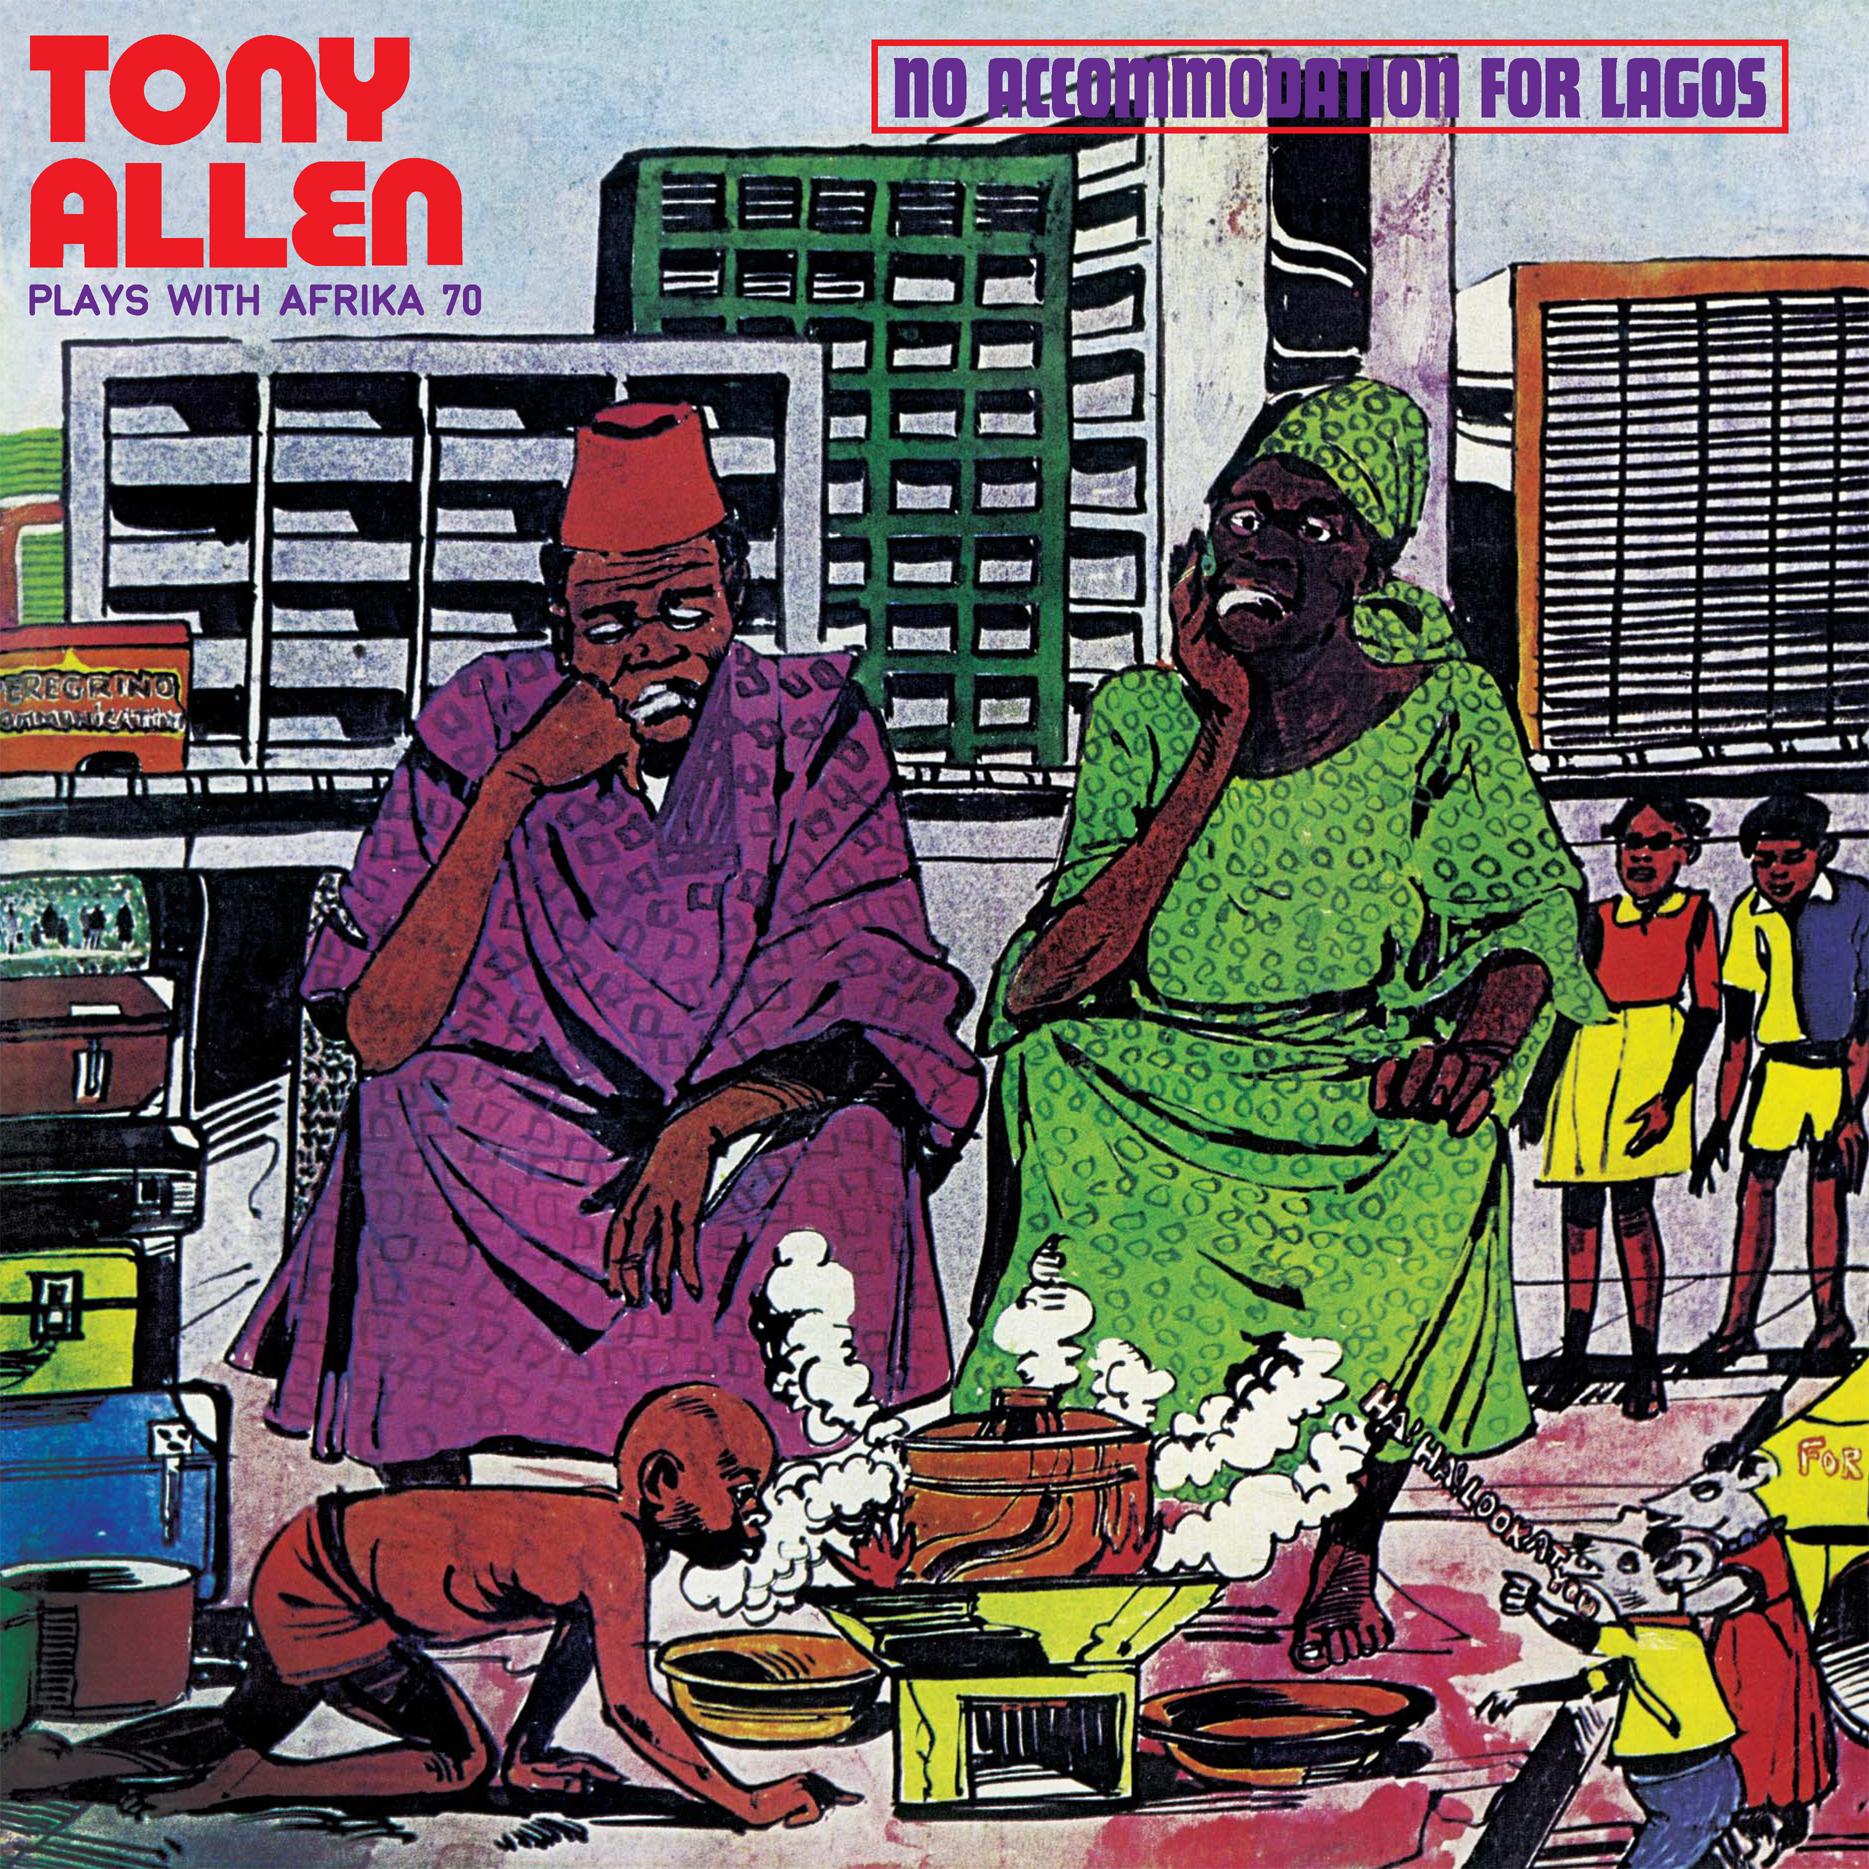 Tony Allen art